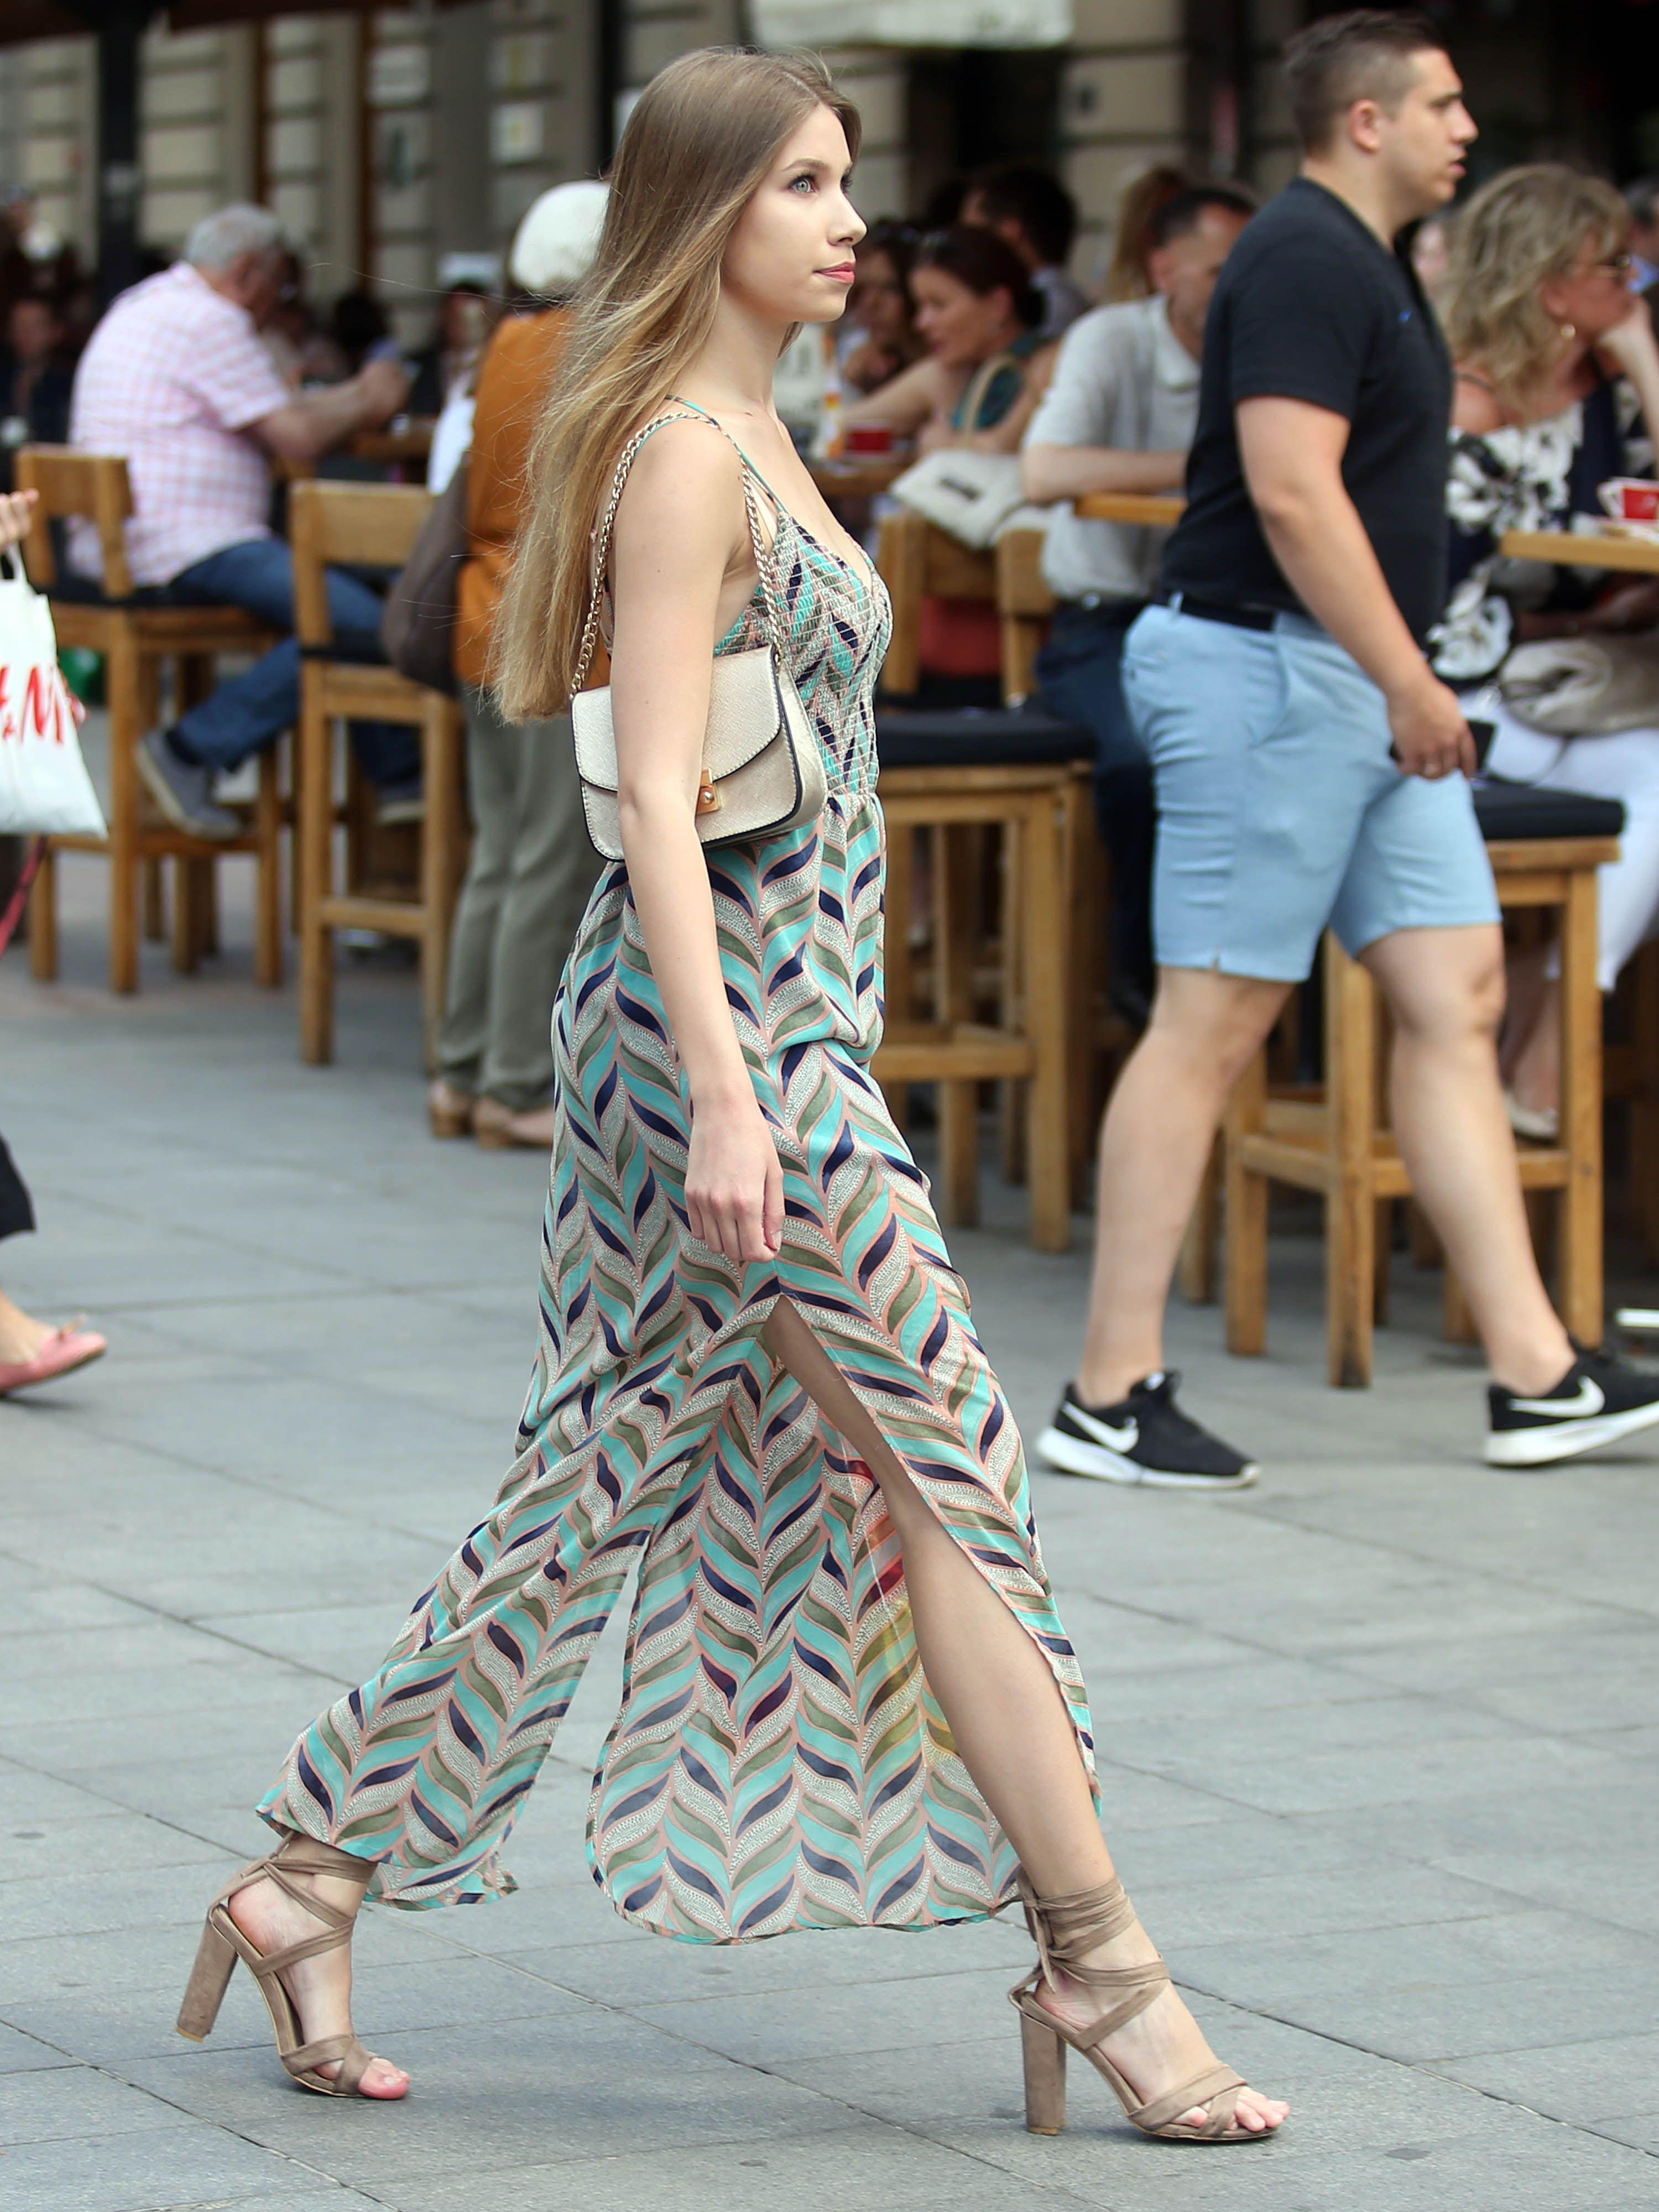 Prirodna ljepotica: Divna plavuša prošetala gradom u pravoj ljetnoj kombinaciji